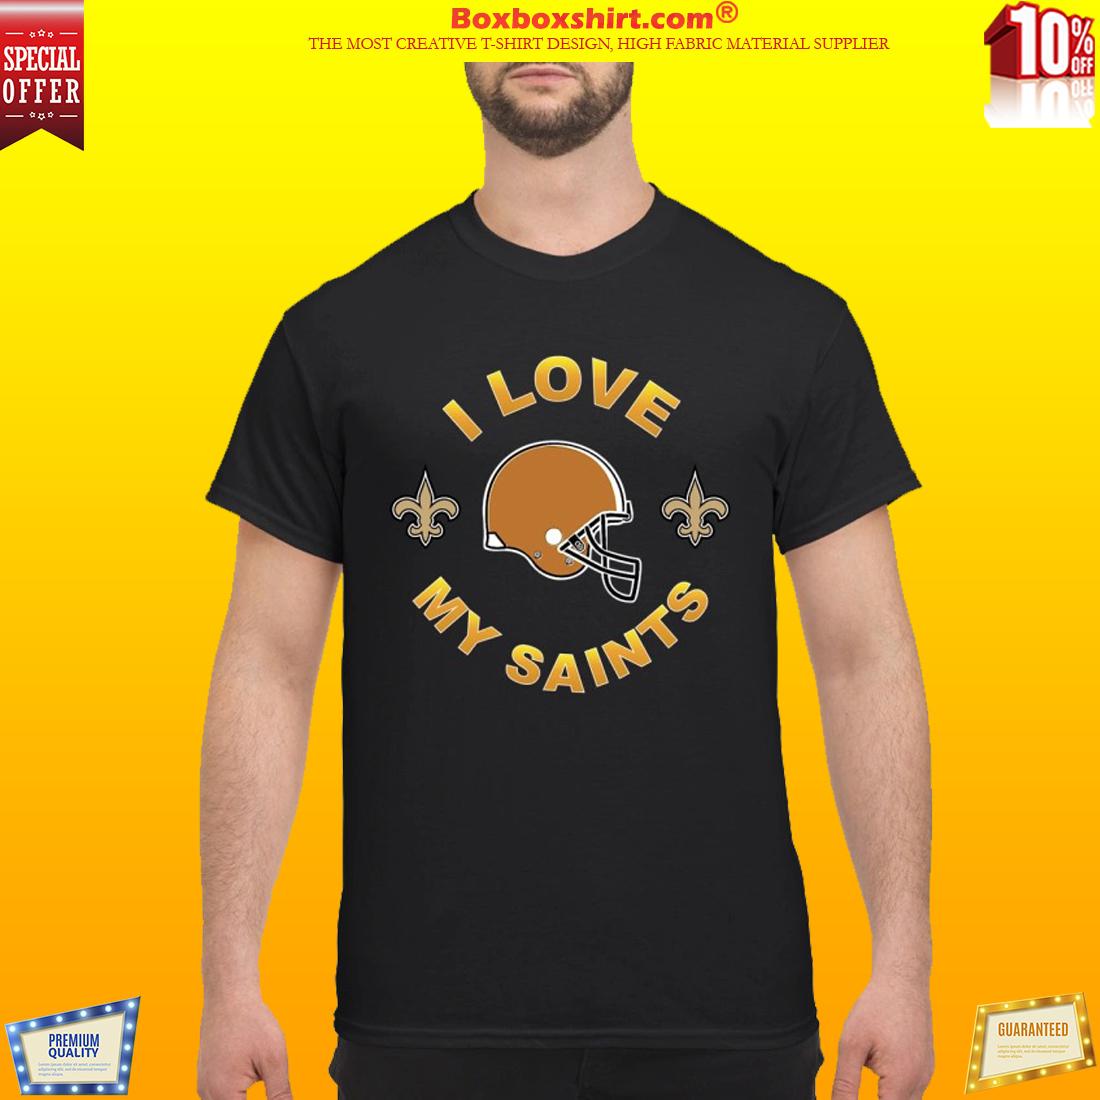 I love my Saints classic shirt